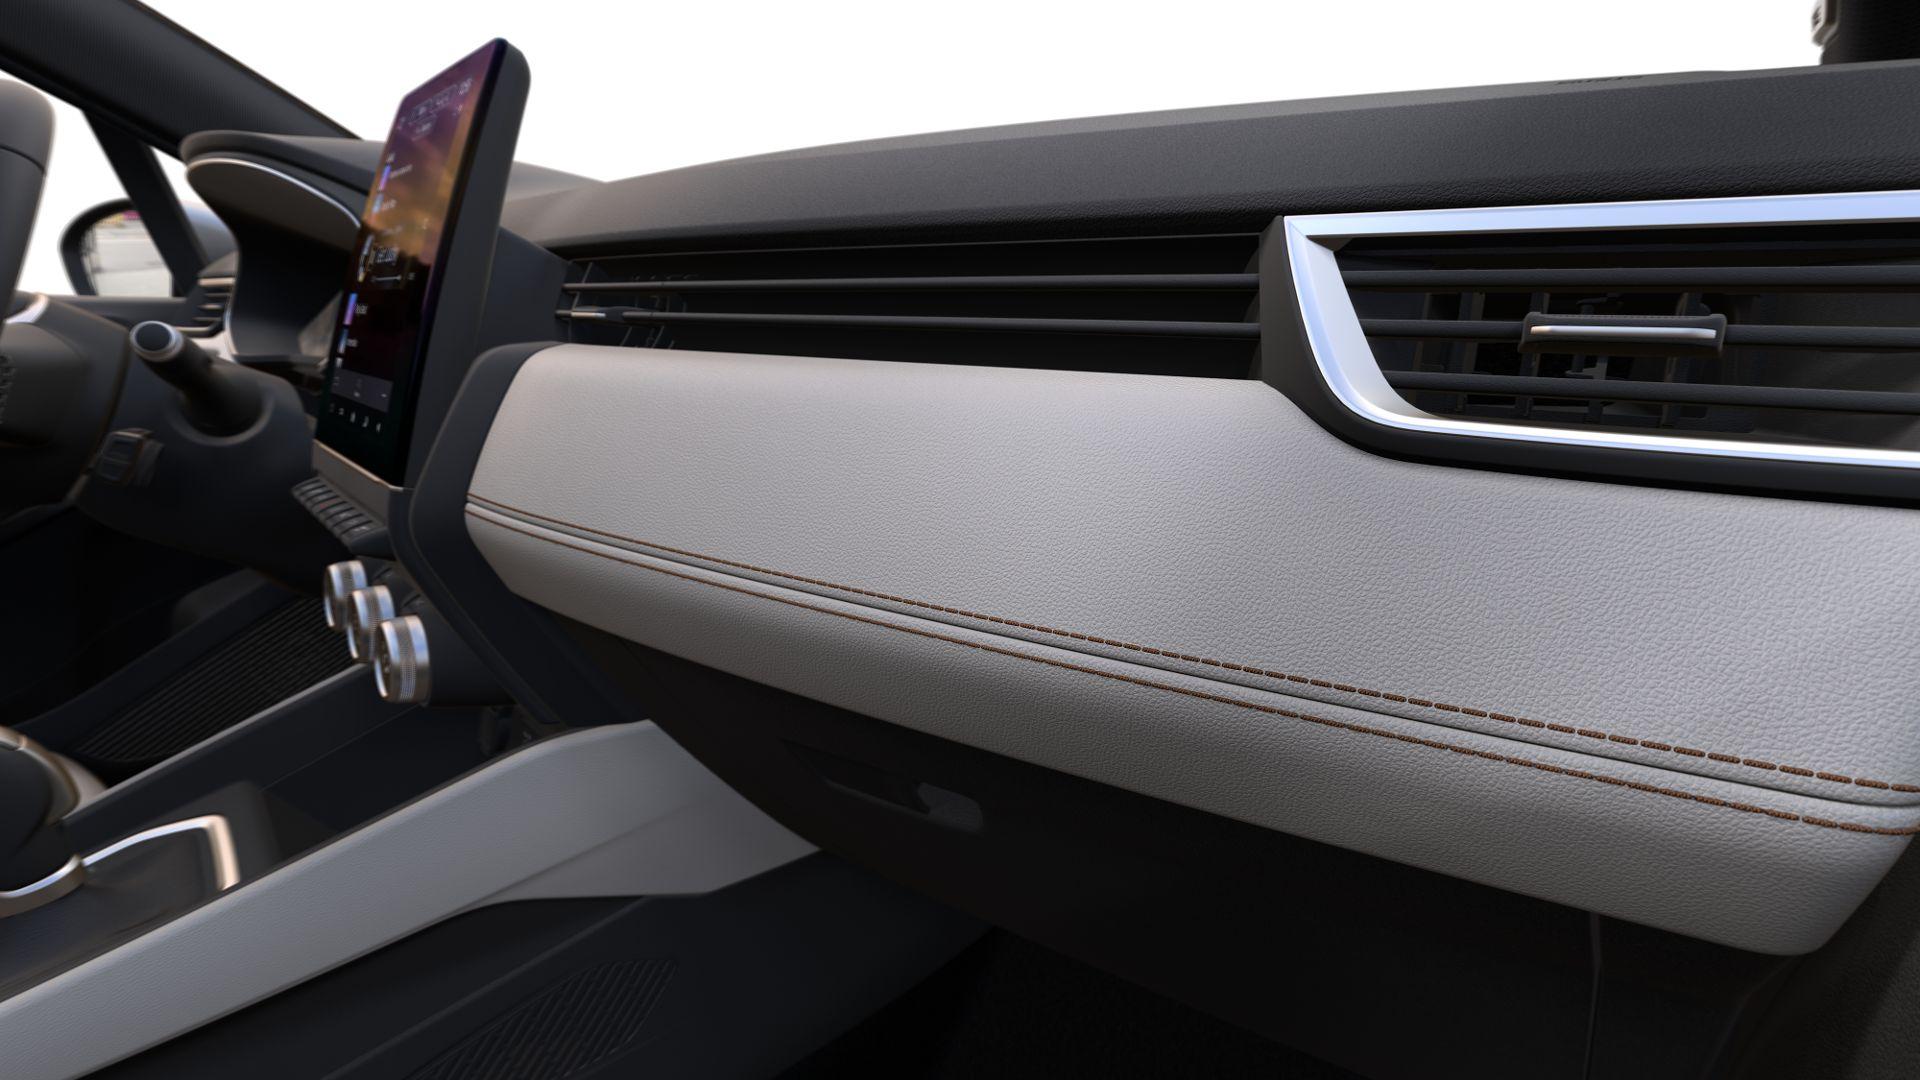 Renault Clio 2019 Interior (7)